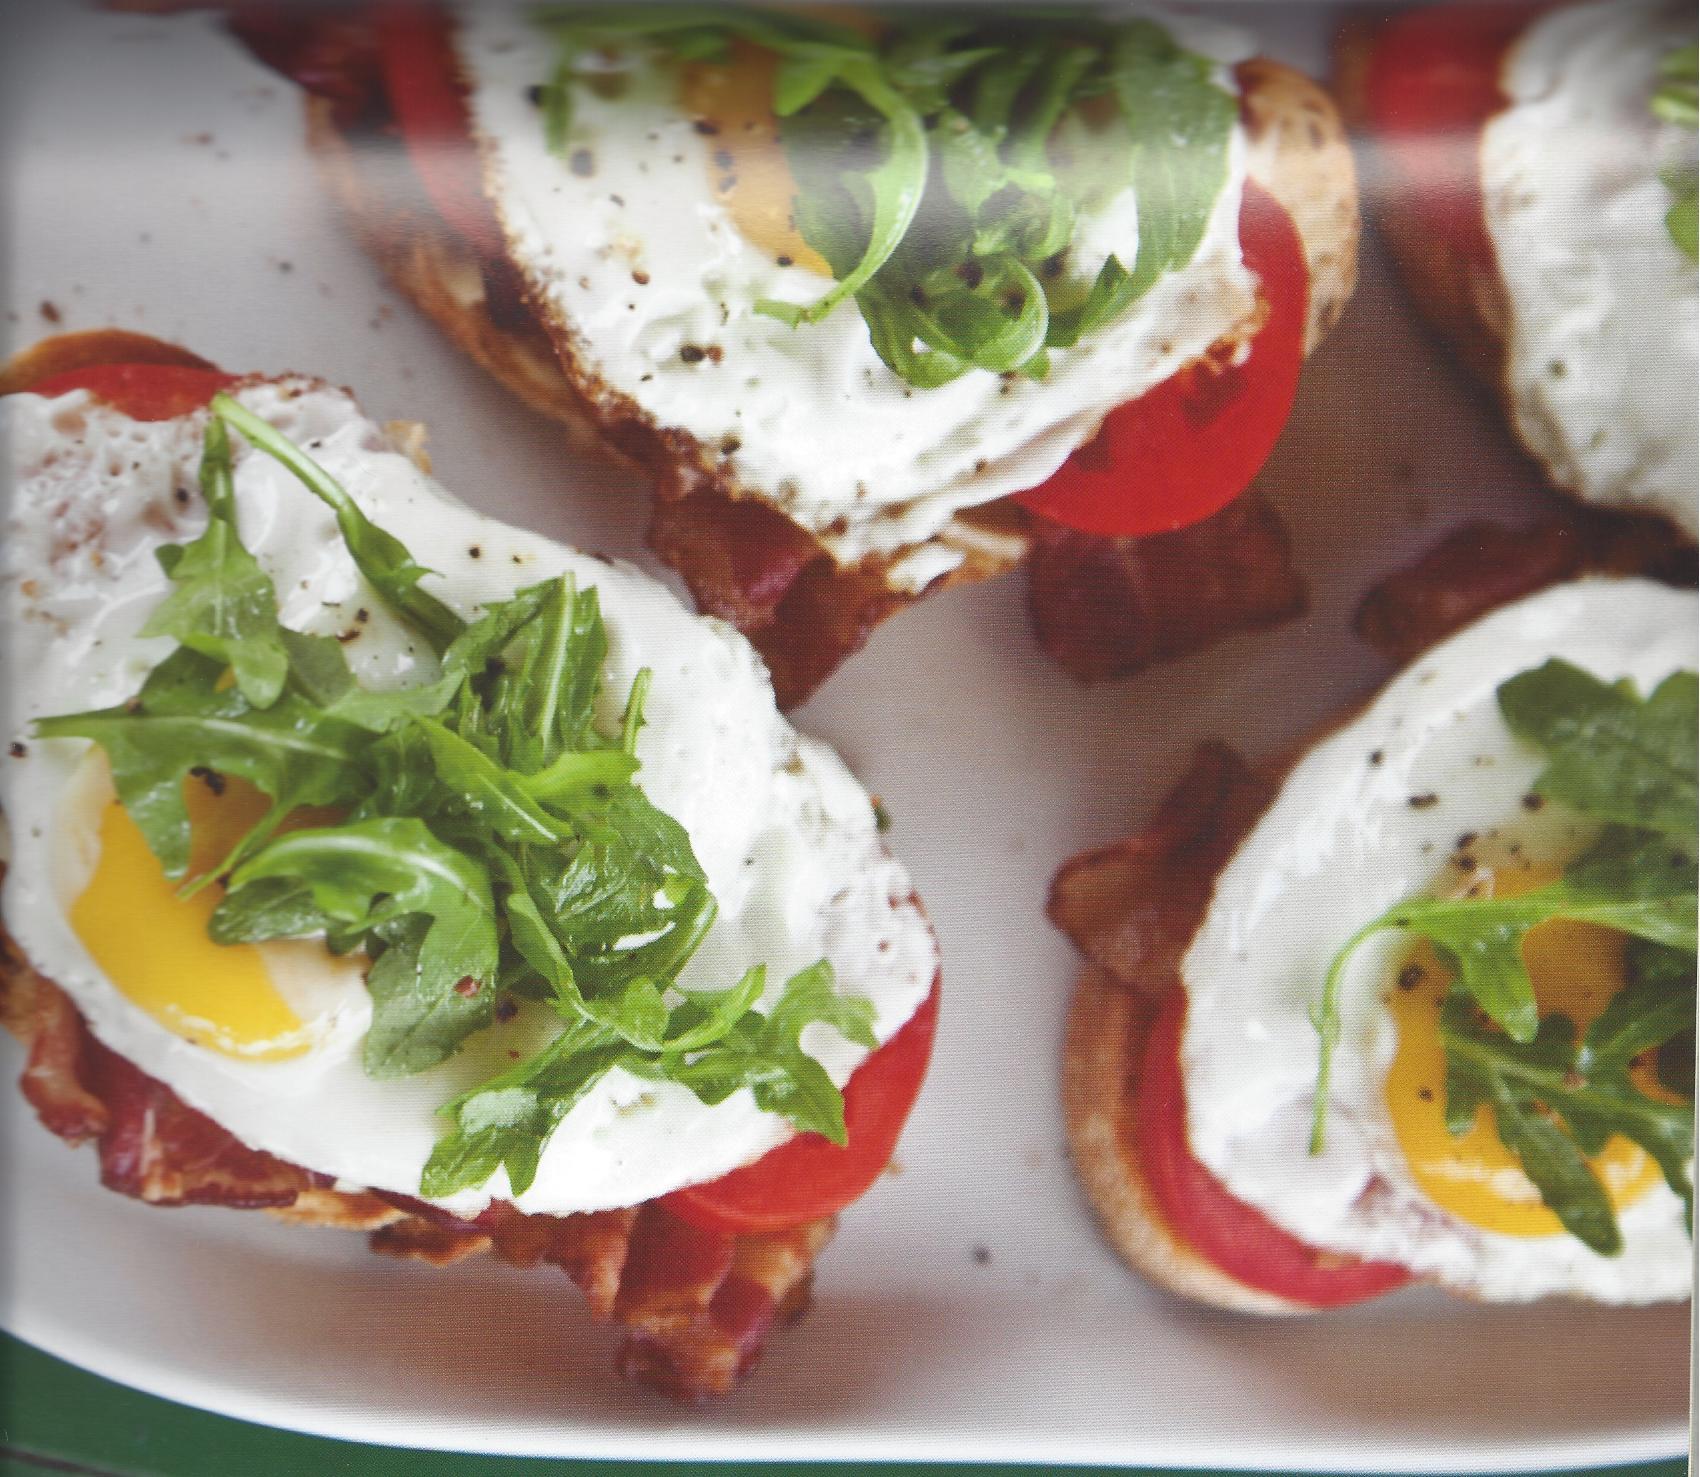 BLT Breakfast Bruschetta by Debra Ponzek